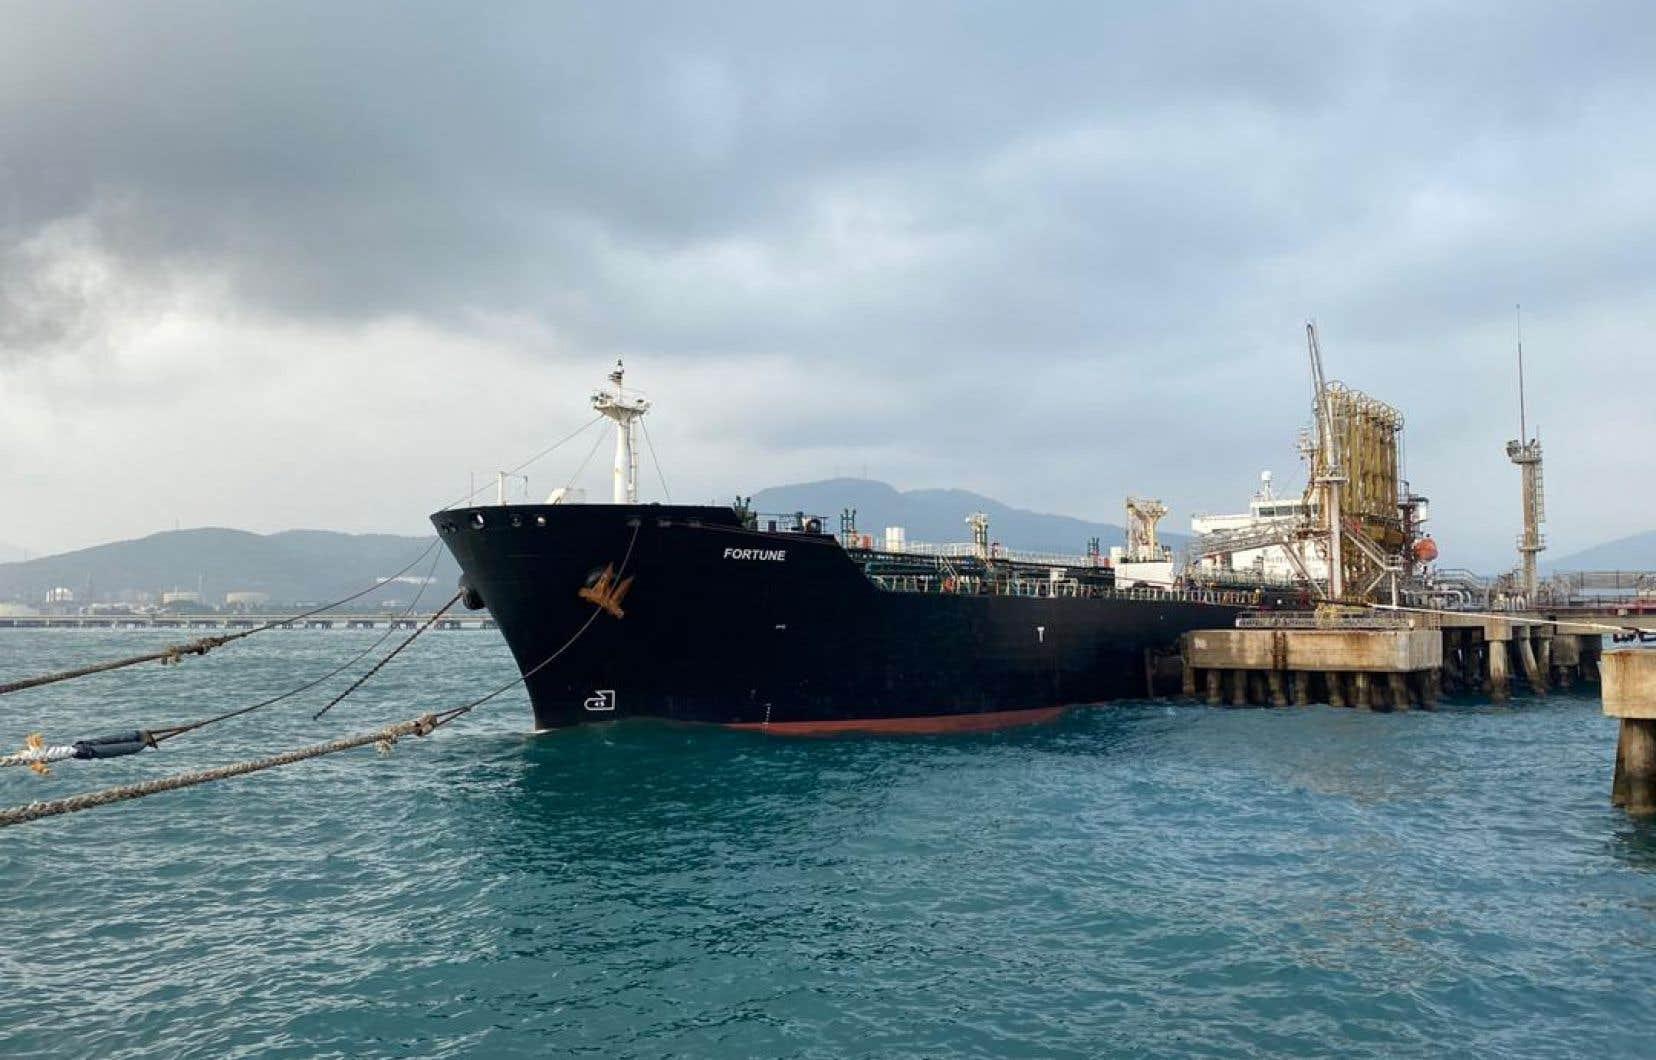 Selon un communiqué, plus d'un million de barils de pétrole ont été confisqués, ce qui représente la plus grosse saisie américaine de pétrole iranien.